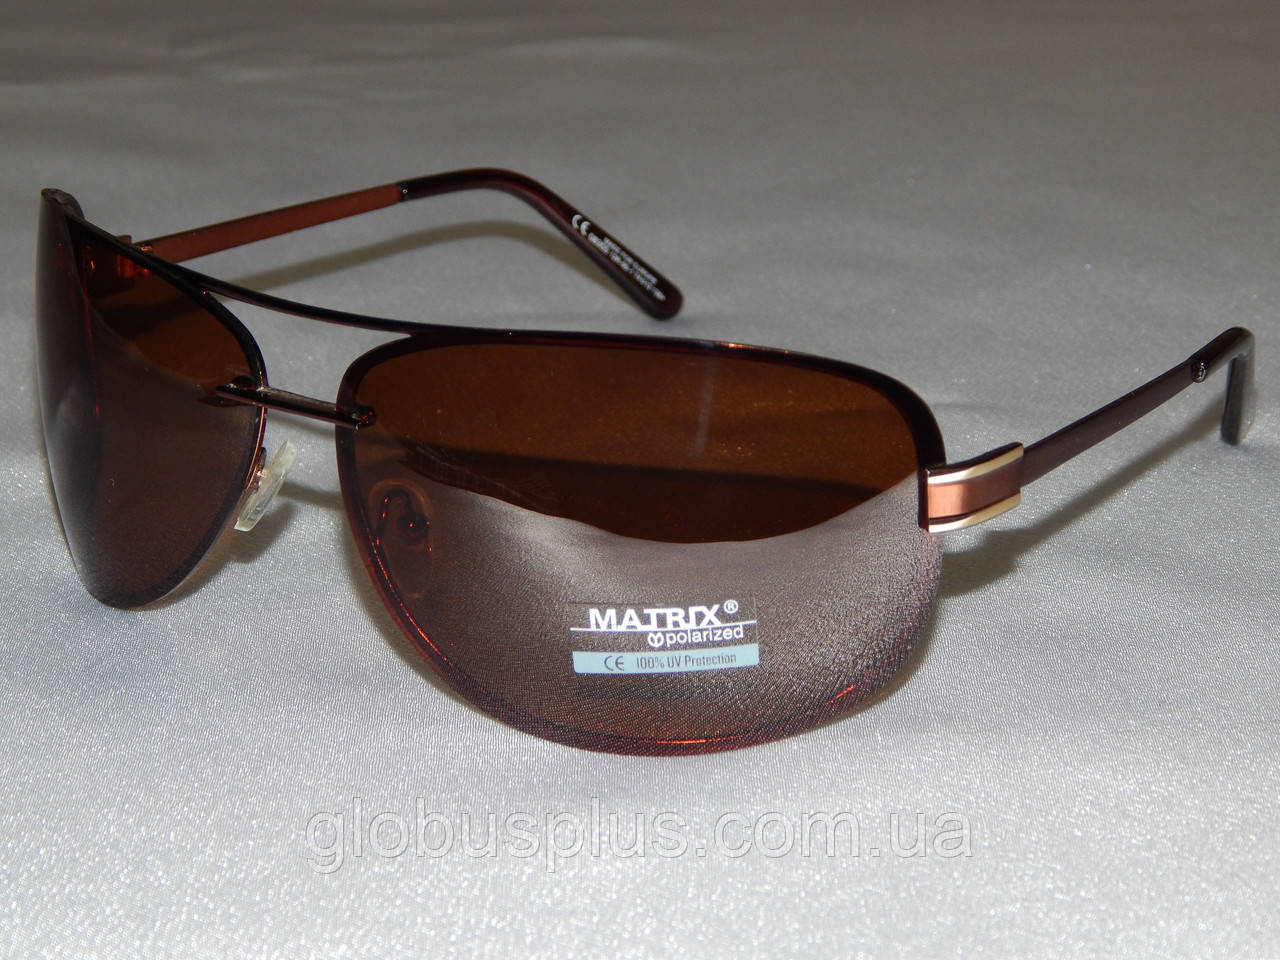 """Мужские солнцезащитные очки Matrix, большие коричневые капли 780160 - """"Глобус Плюс"""" интернет-магазин в Харькове"""